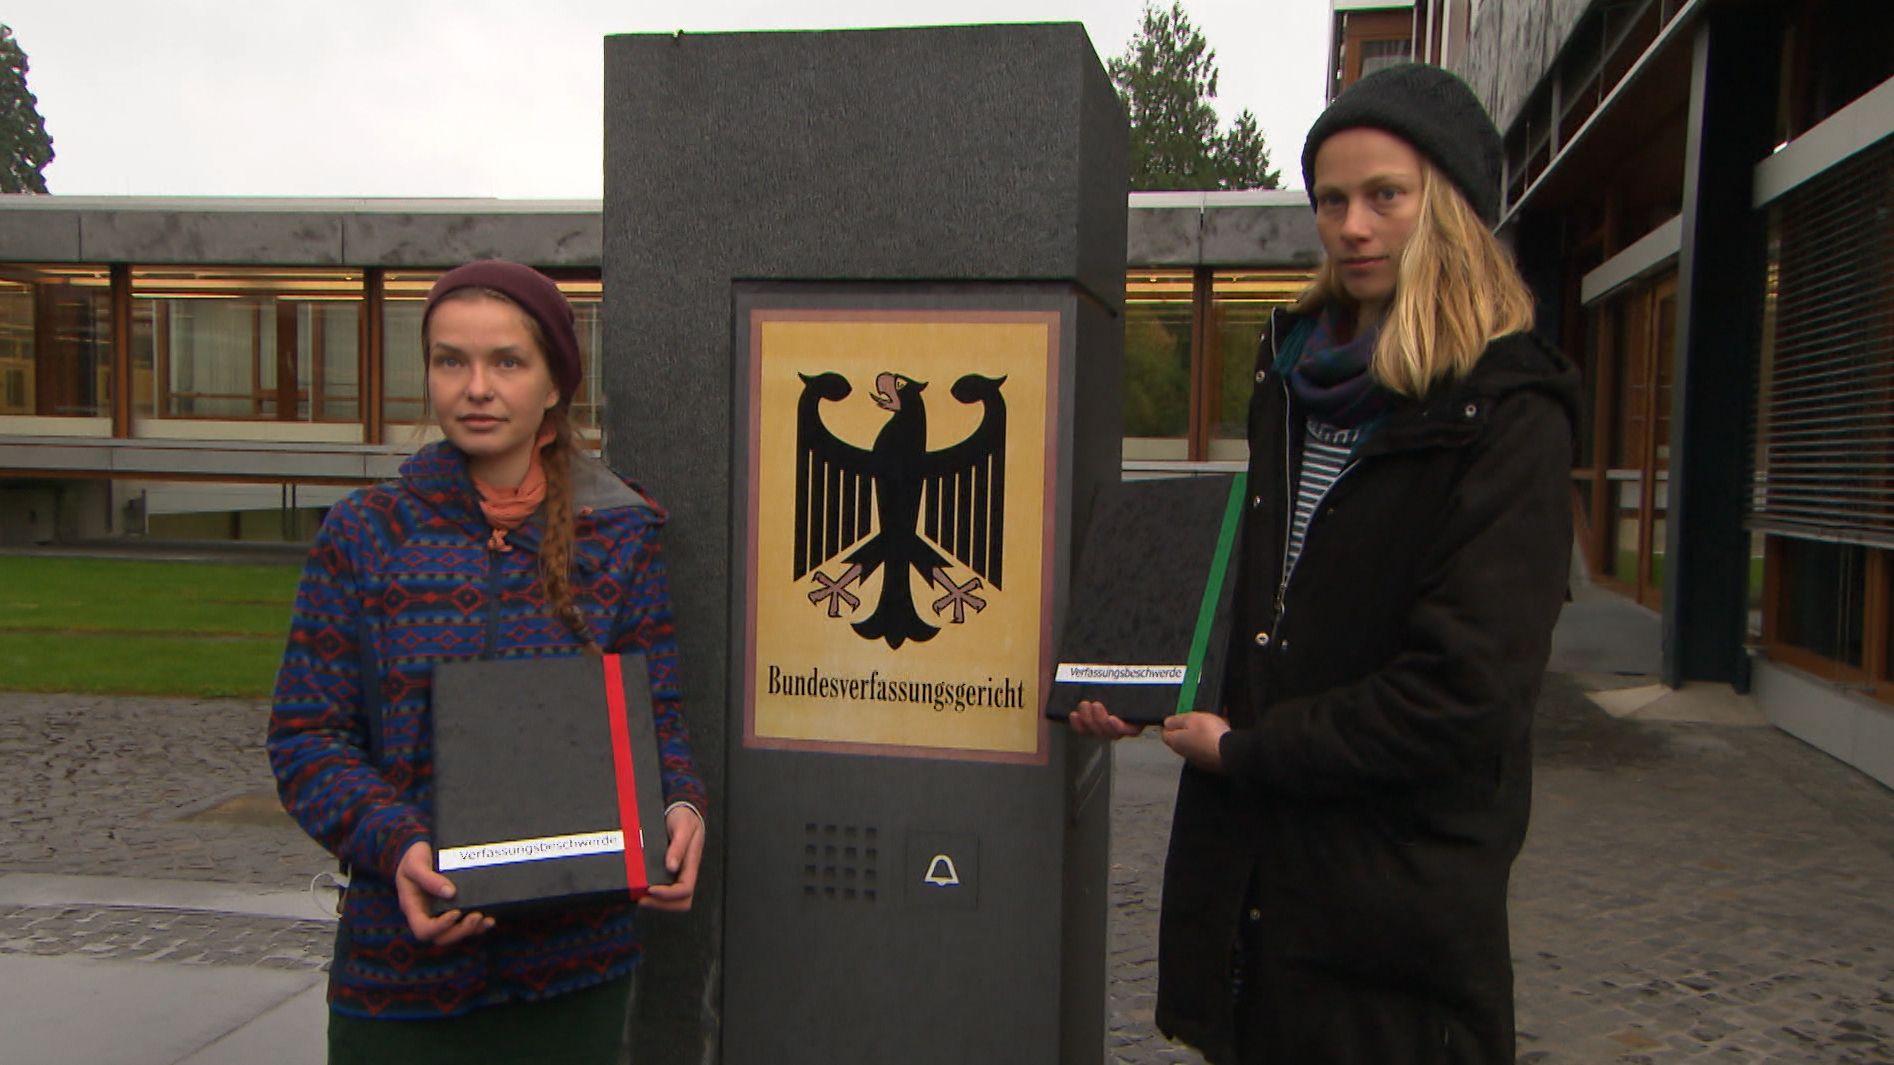 Die beiden Studentinnen aus Olching, die wegen Diebstahls verurteilt wurden, haben heute Beschwerde in Karlsruhe eingelegt.